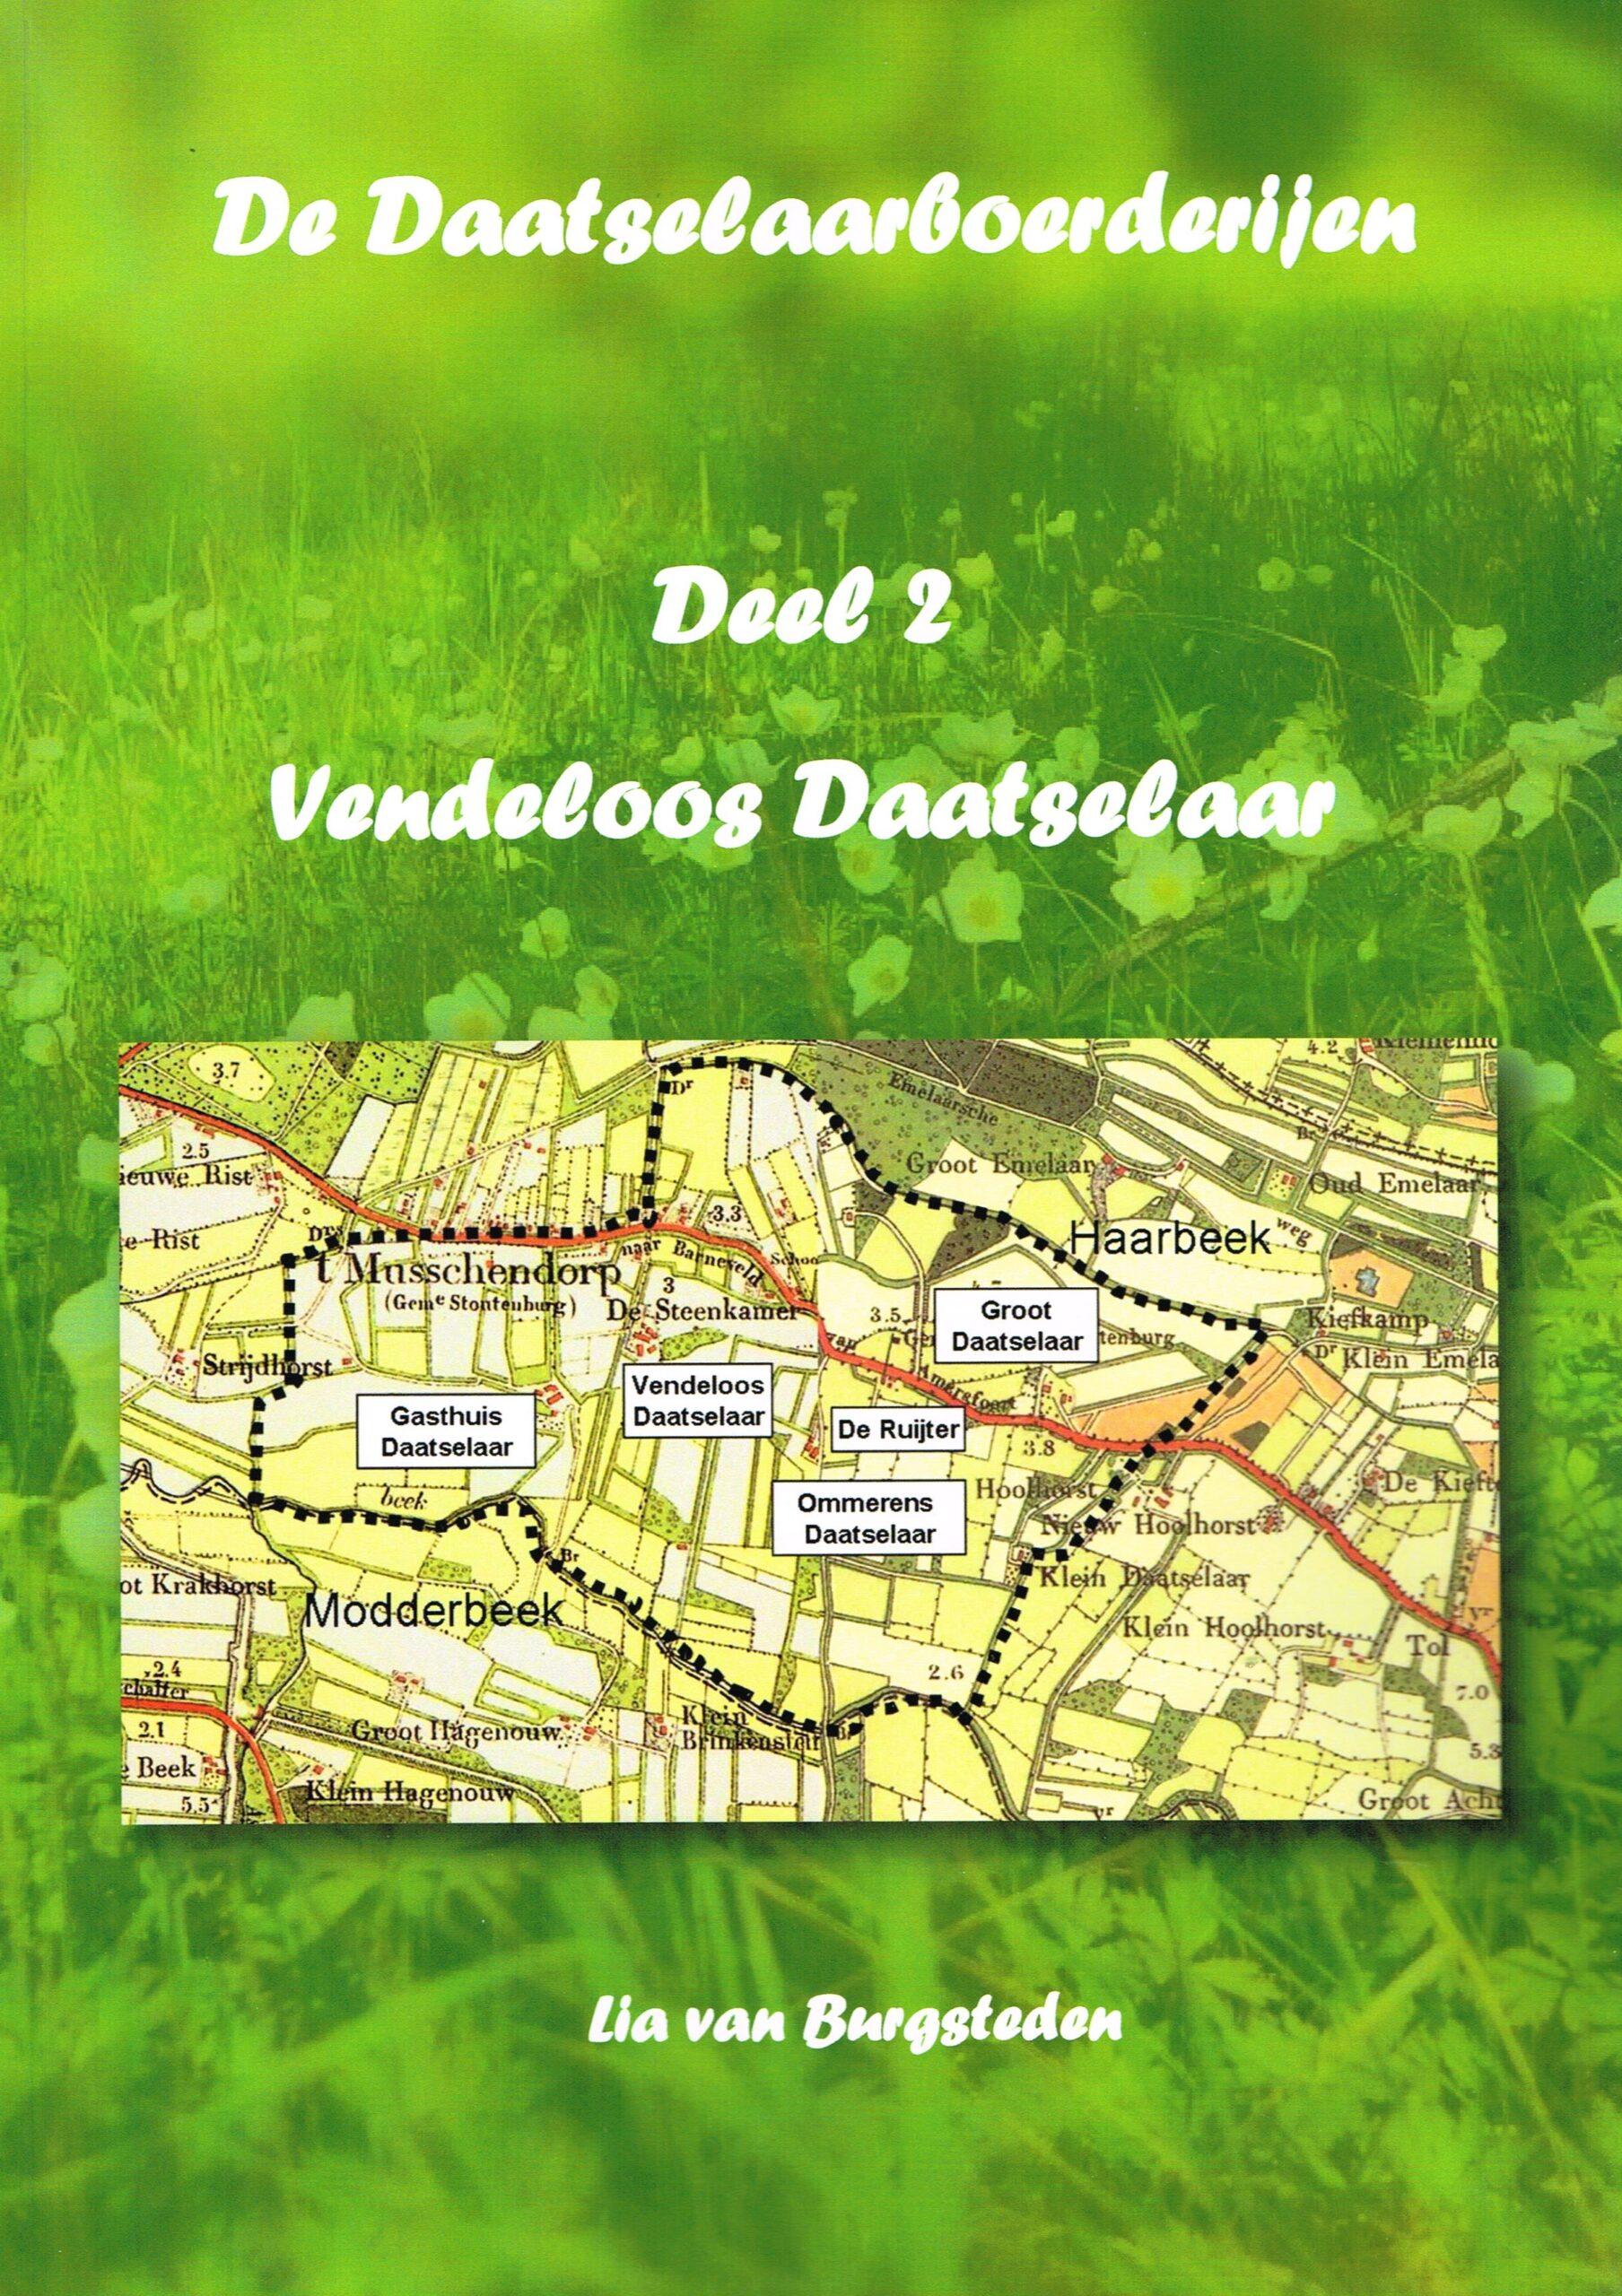 Boek boerderij Vendeloos Daatselaar